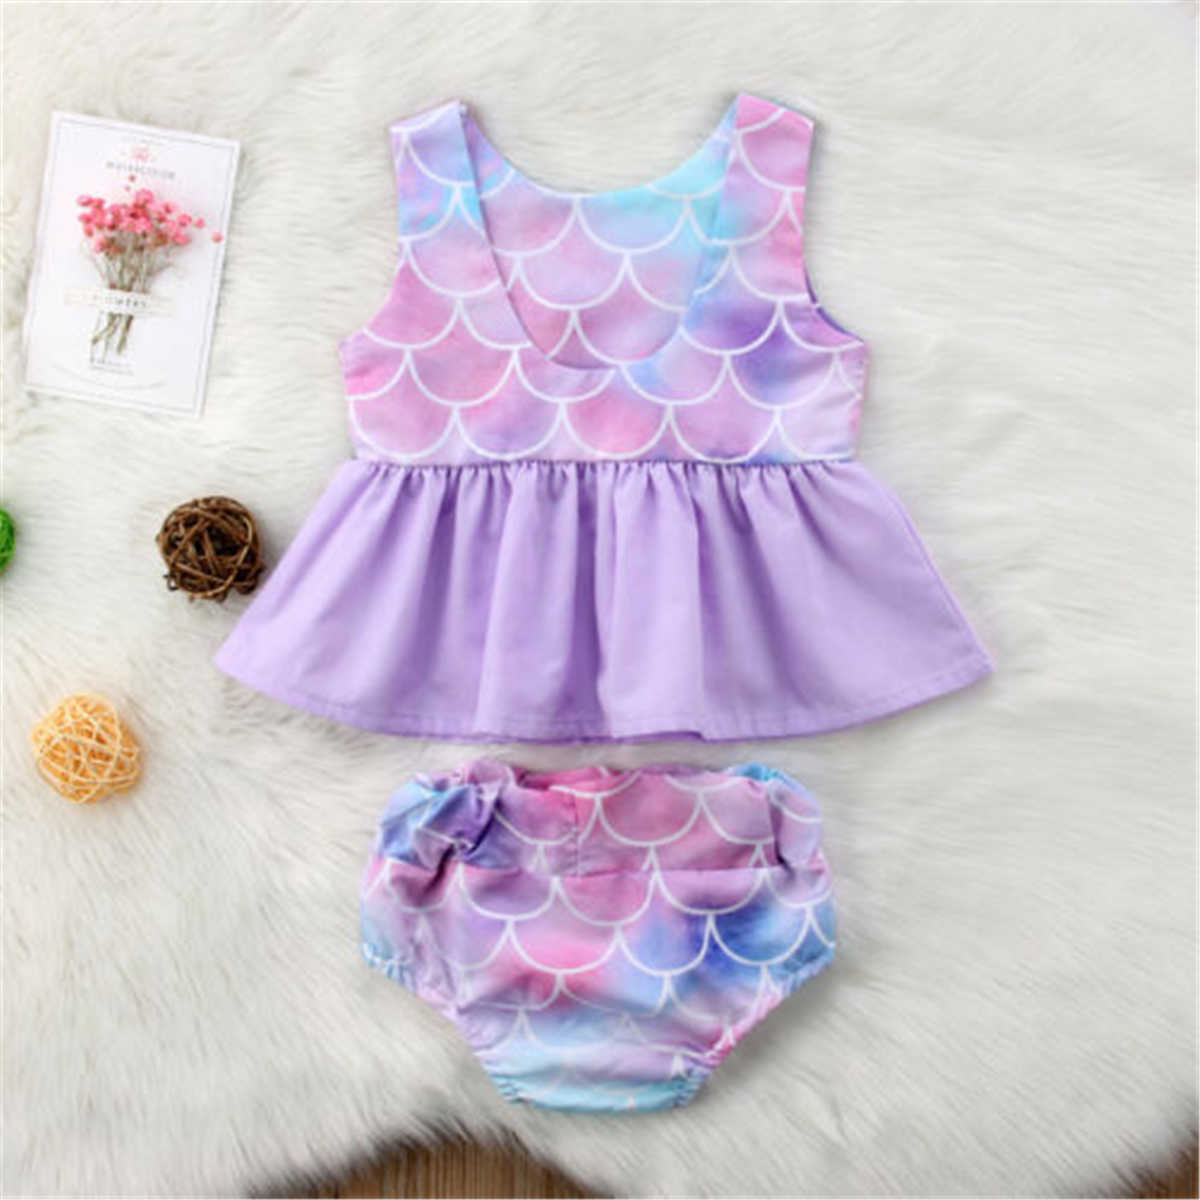 Vestido con tutú de sirena para niñas recién nacidas, Tops + Pantalones cortos, falda playera de verano, atuendo, ropa